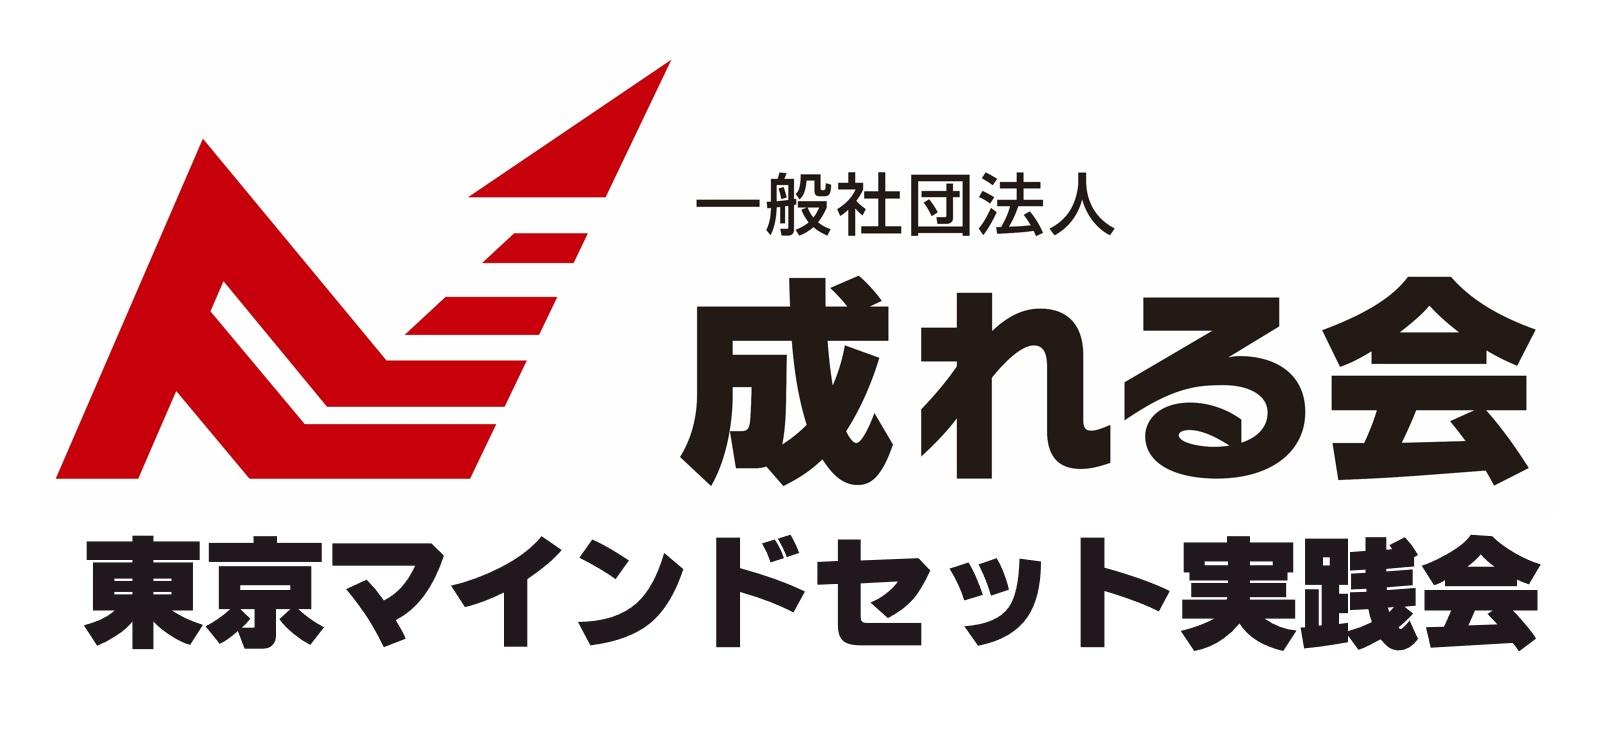 成れる会東京マインドセット実践会